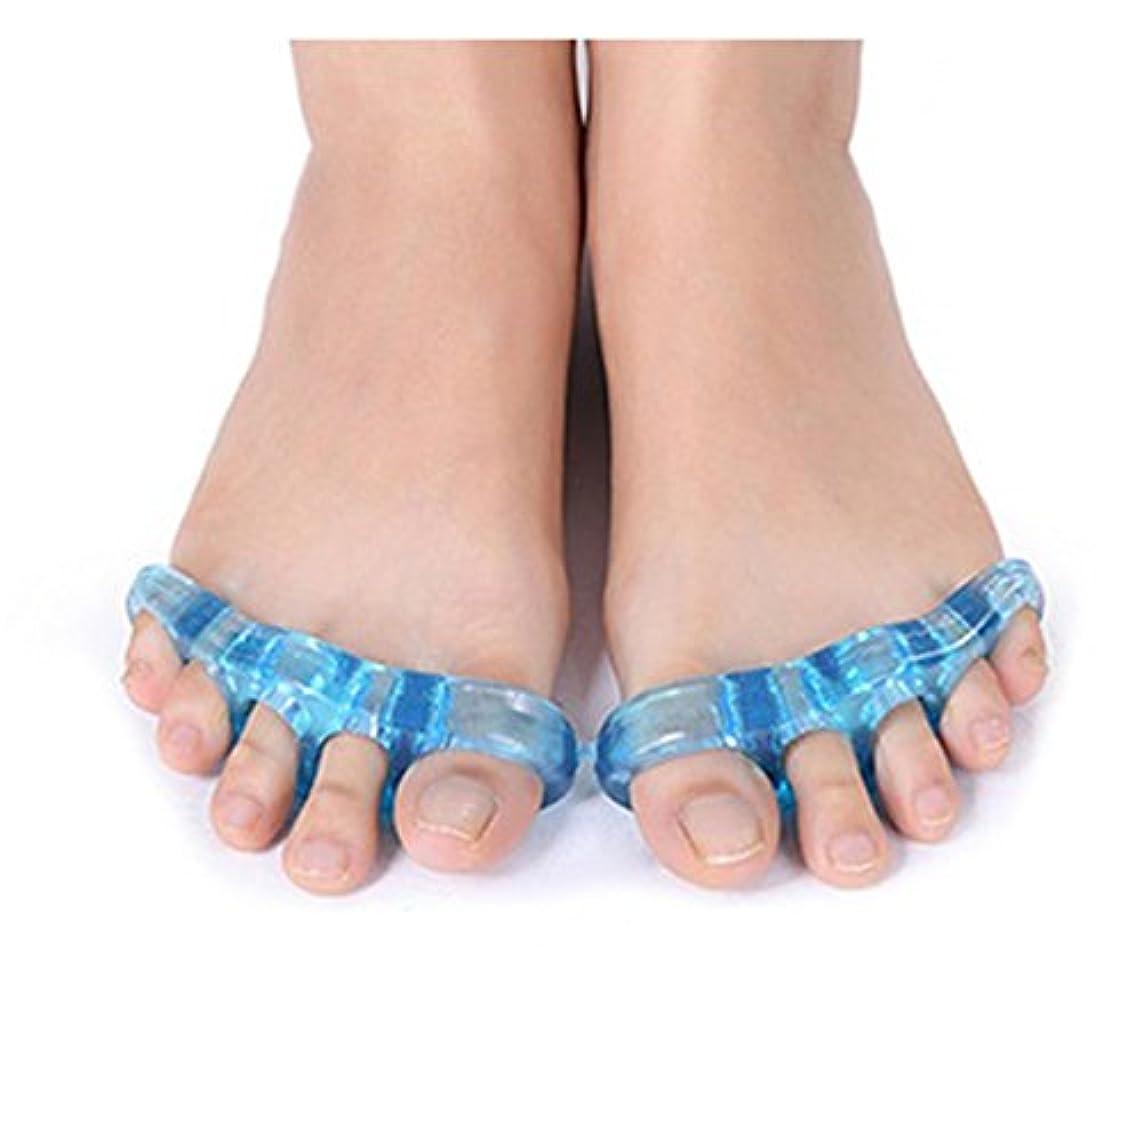 チューインガム衝突コーストリム足指ストレッチパッド 広げる 足ゆび 5本指 両足セット 足指矯正 外反母趾 つま先 (中(約11cm))